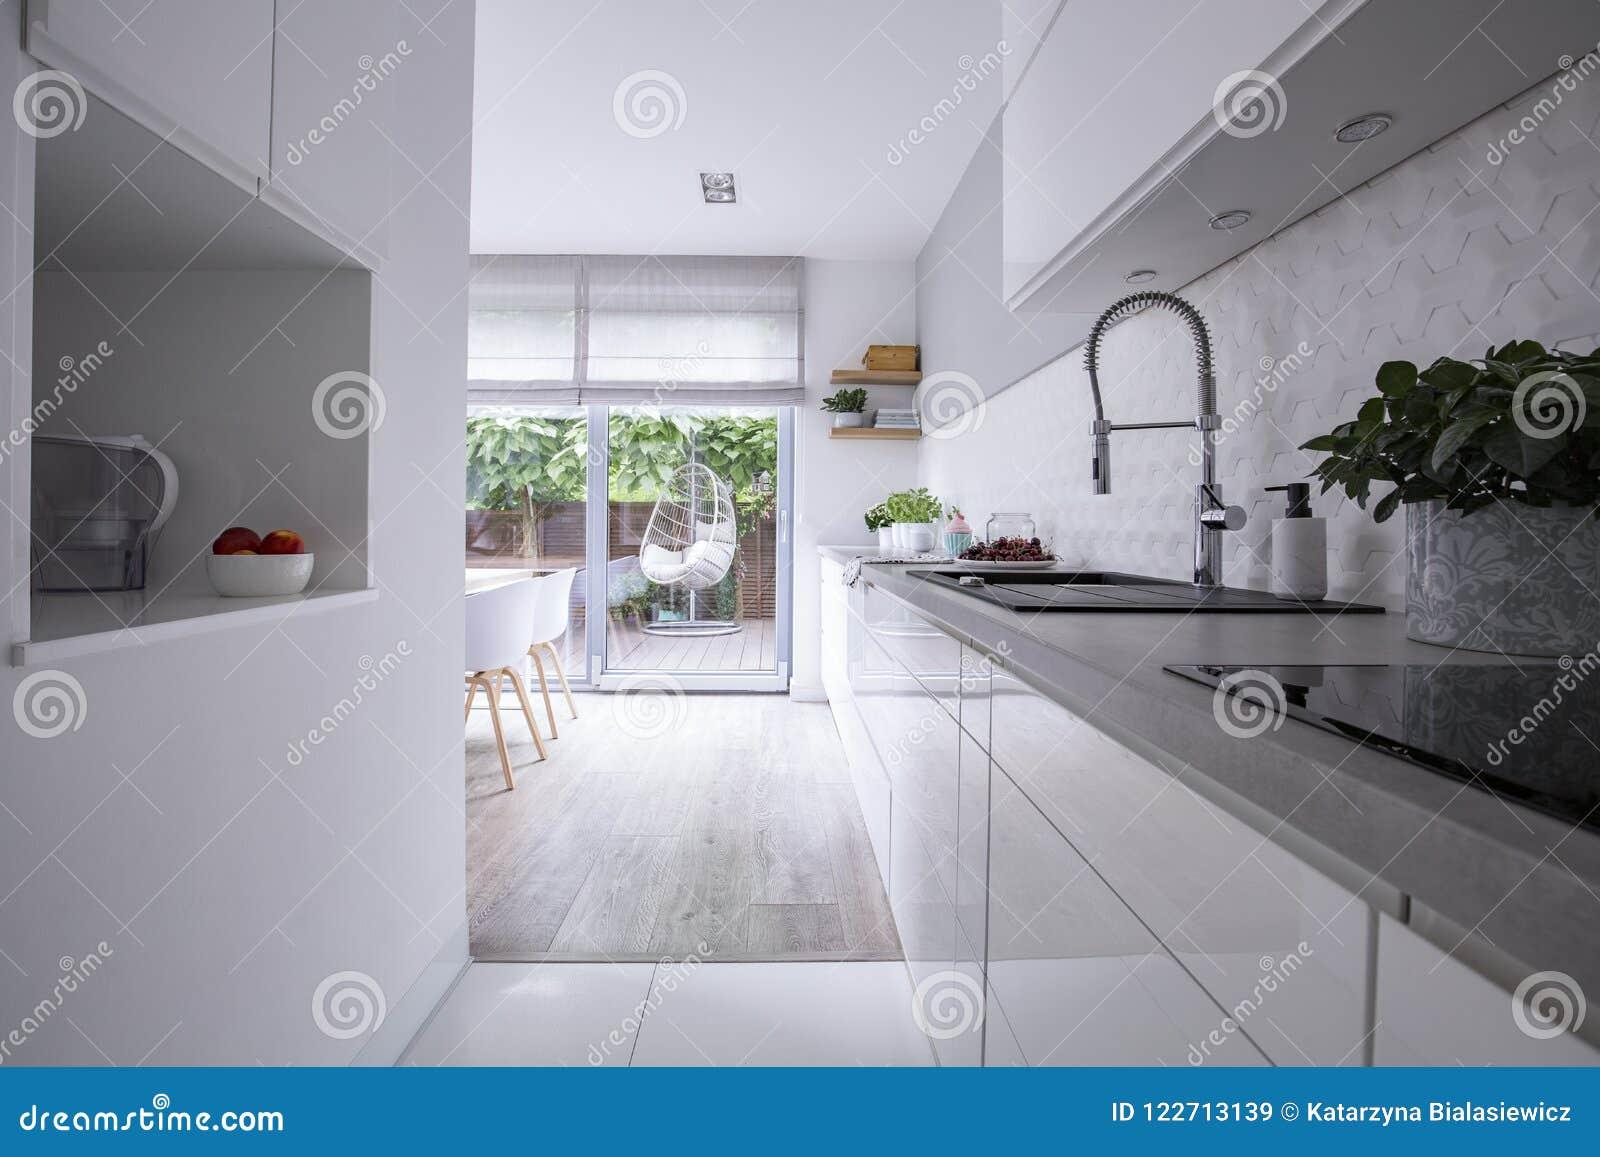 在房子明亮的现代厨房内部的白色内阁有大阳台的 实际照片